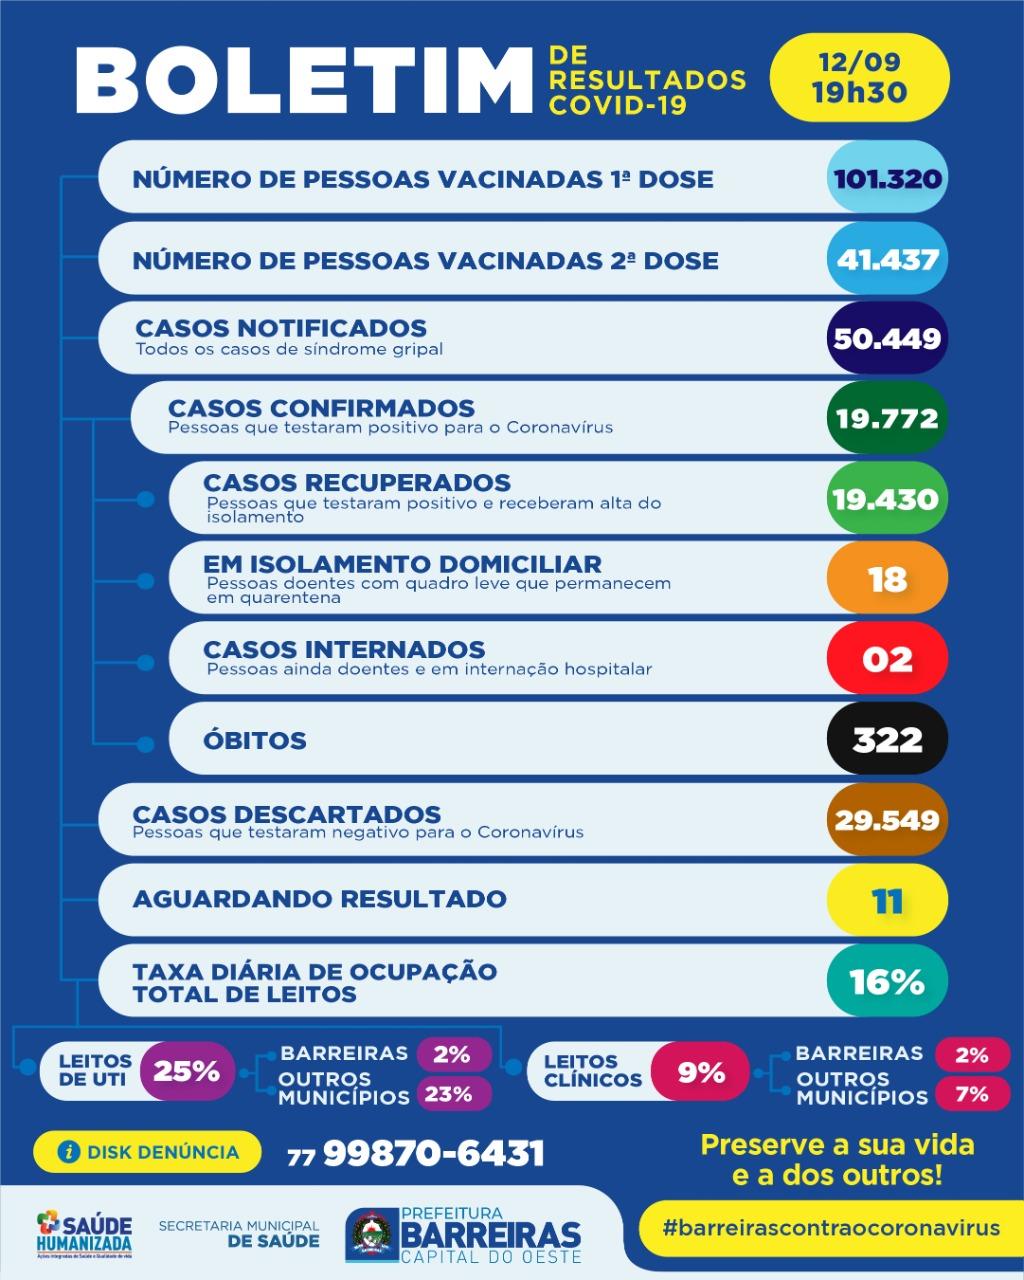 Covid-19 em Barreiras: Veja os números do boletim deste domingo, 12